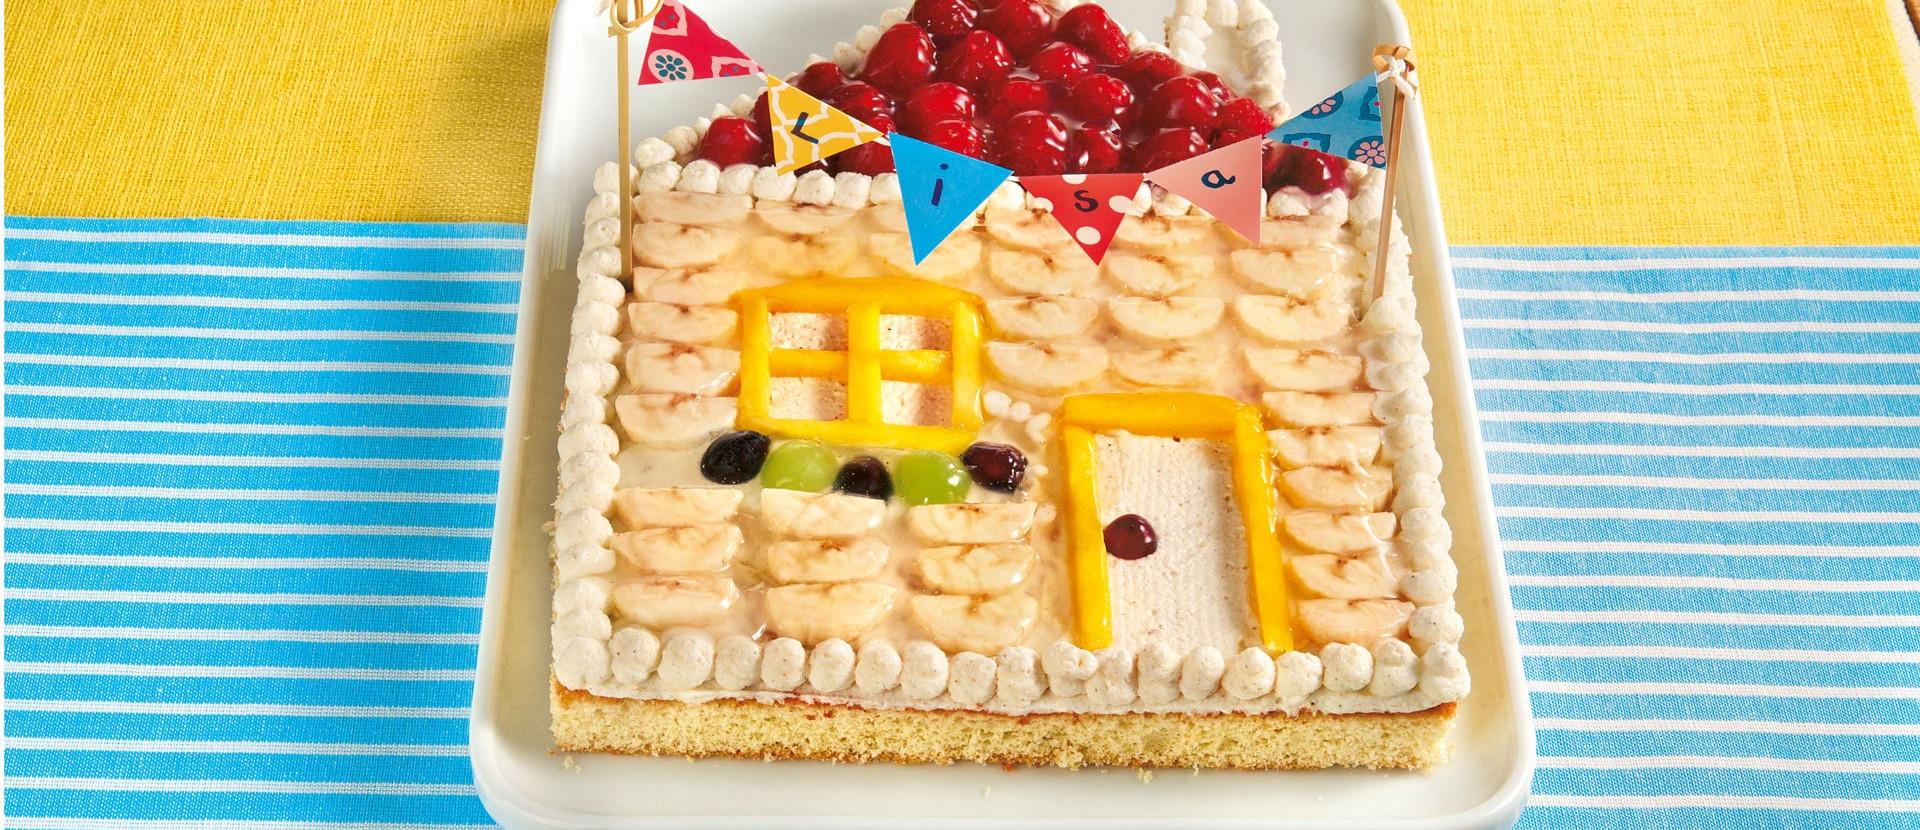 Geburtstagskuchen In Hauschenform Rezept Tegut